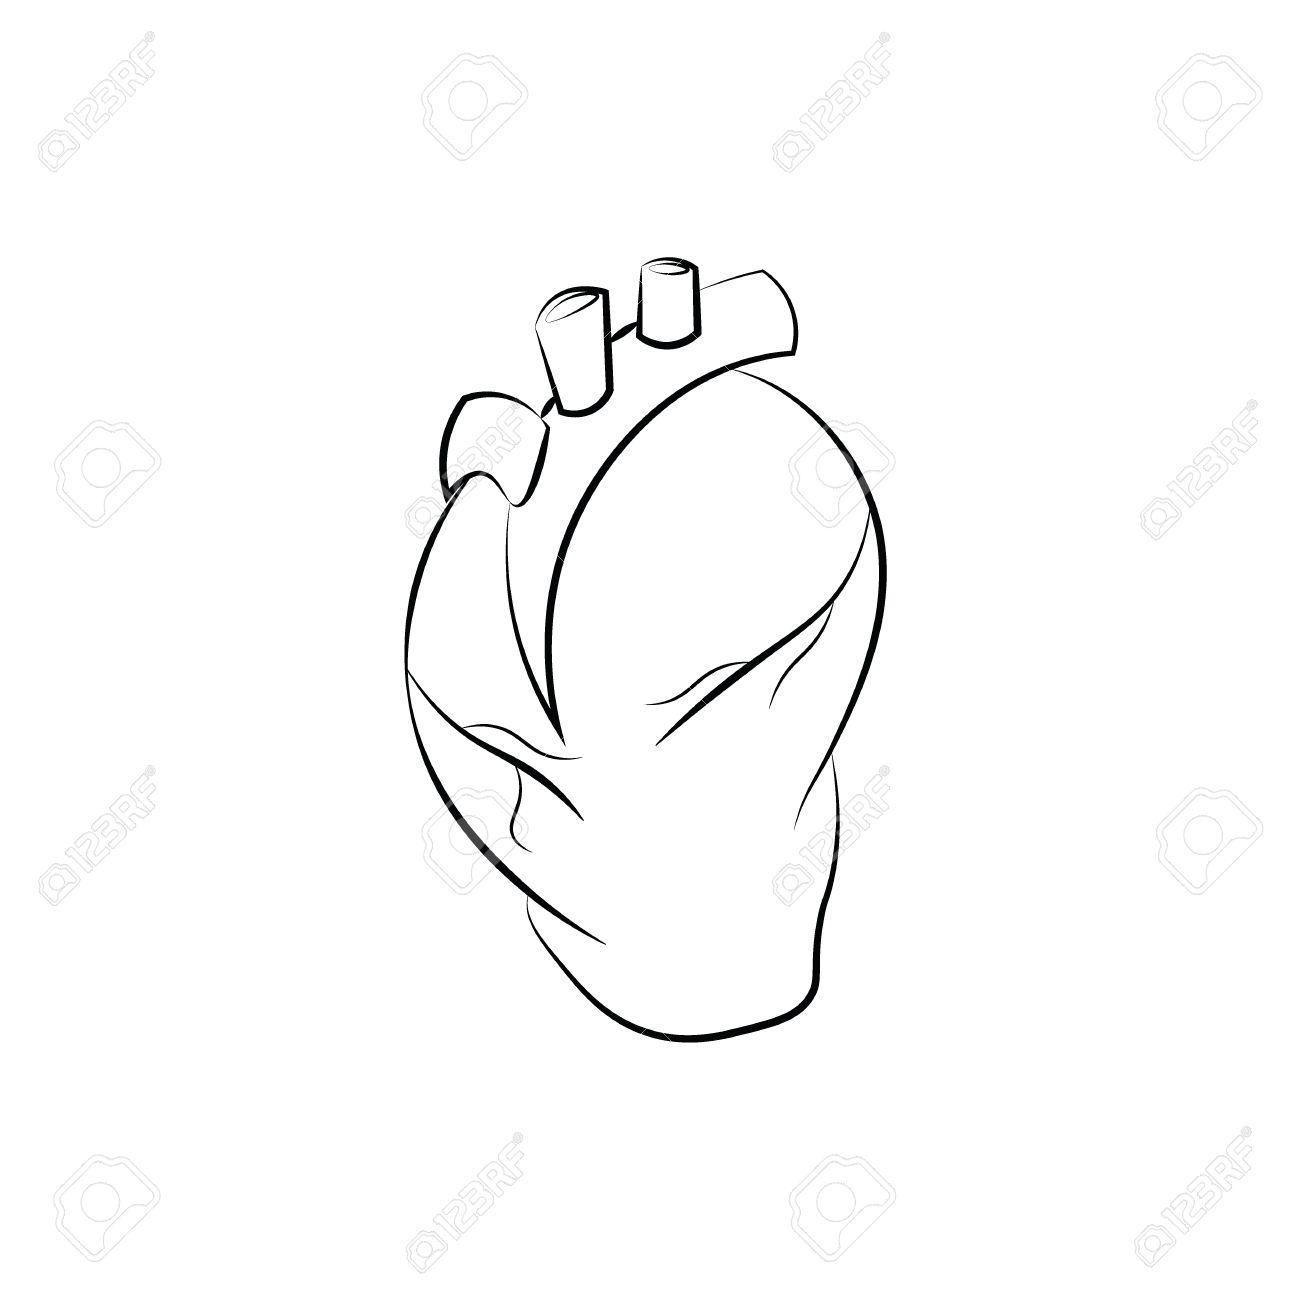 La Anatomía De órganos Dibujo Lineal Del Corazón Ilustraciones ...